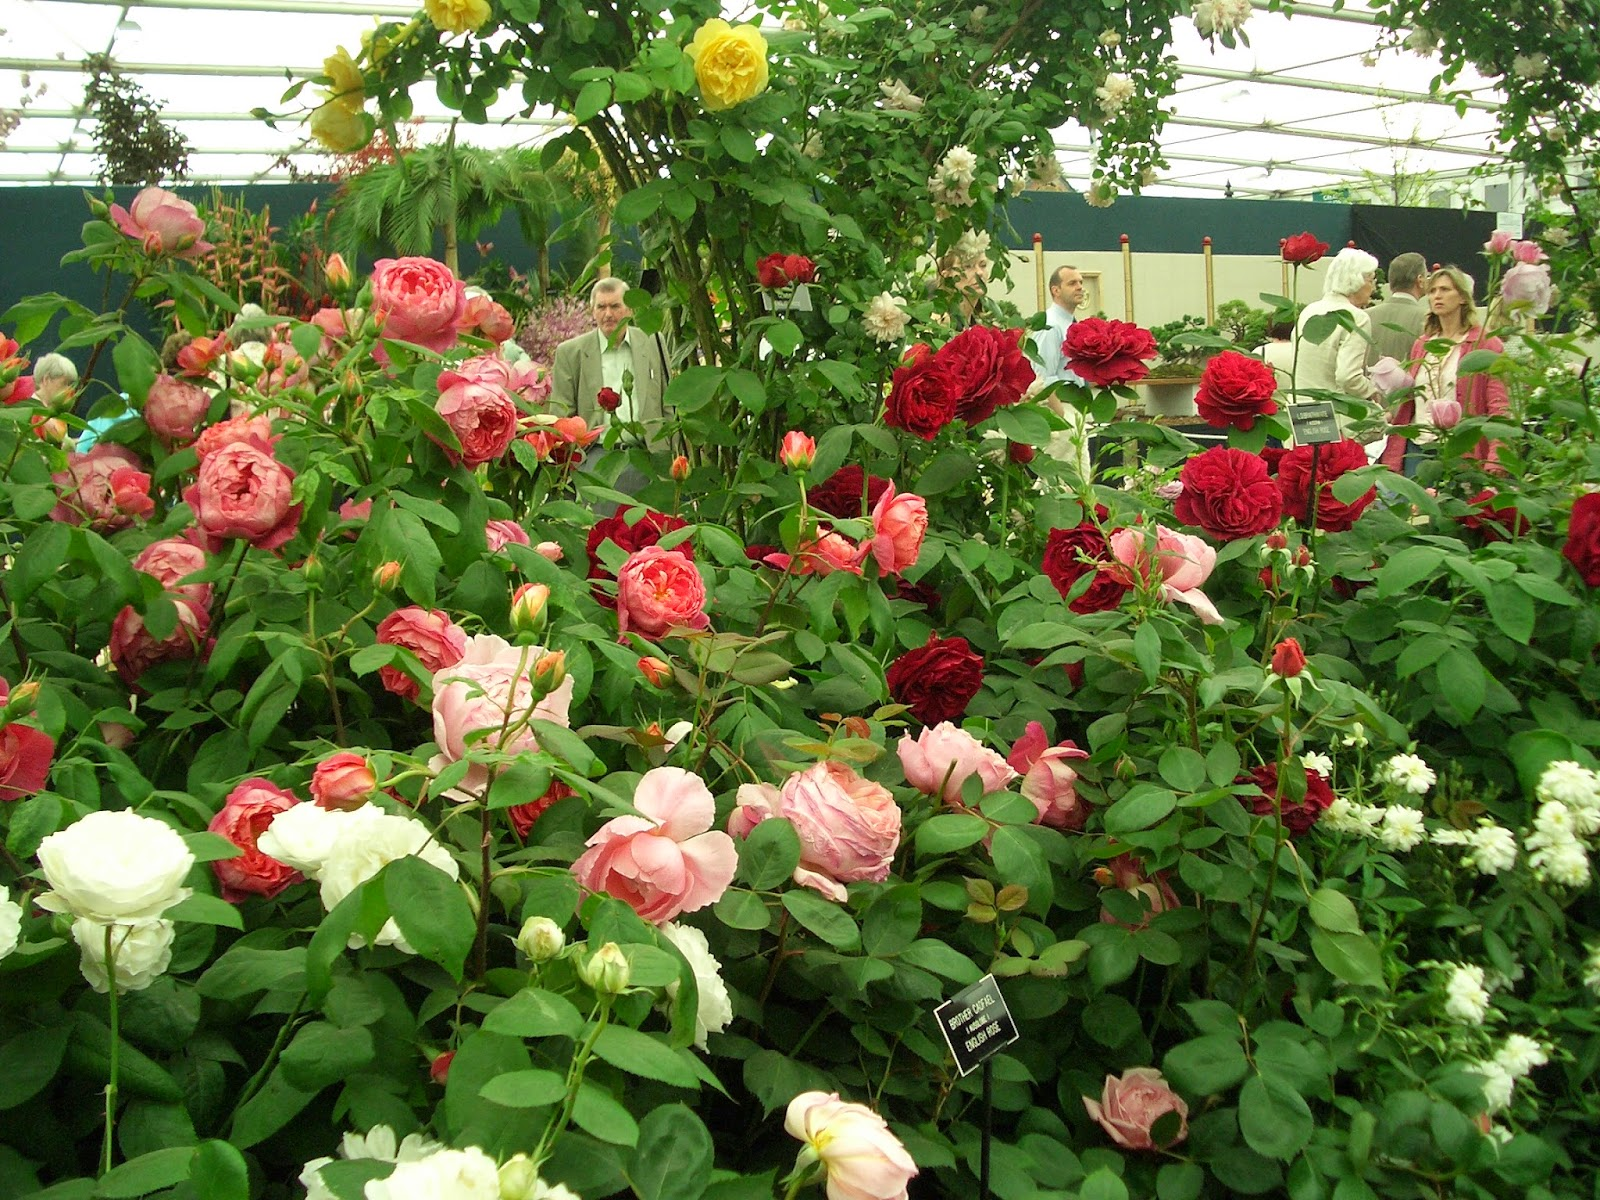 como plantar rosas orgânicas : jardim de rosas